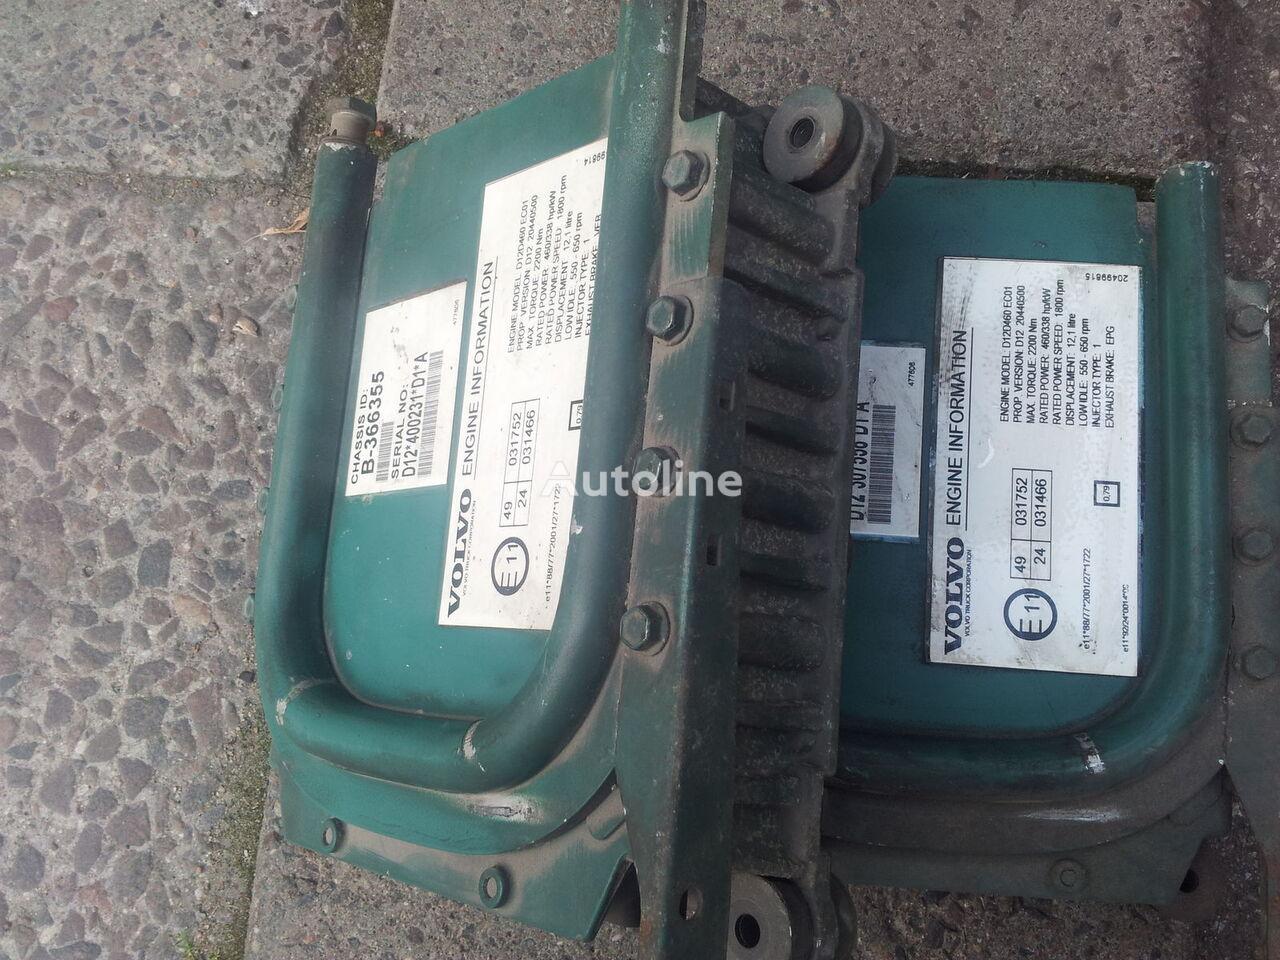 VOLVO FH12, EURO3 D12D, EDC, ECU, D12D420, D12D460, D12D380, engine control unit 460PS; 420PS; 20440501; 20440500, 3161962, 20577131, 85107712, 85000086, 85000388, 20582958, 85111405, 85107712, 03161962, 08170700 unidad de control para VOLVO FH12 tractora